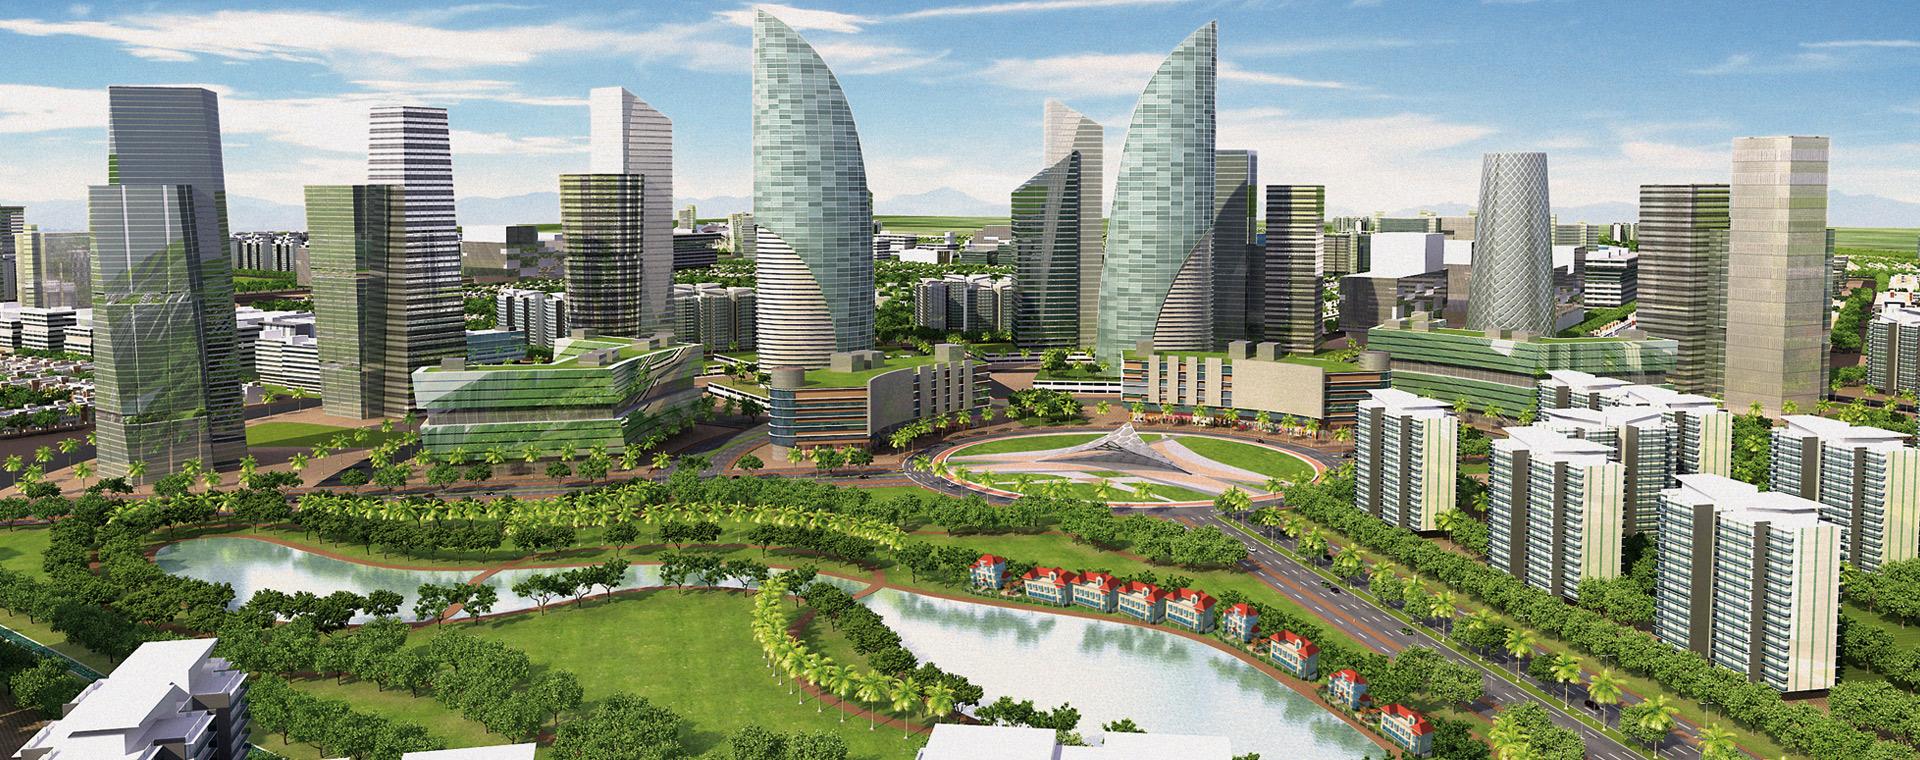 smart-city-cidade-inteligente-blog-da-engenharia-02